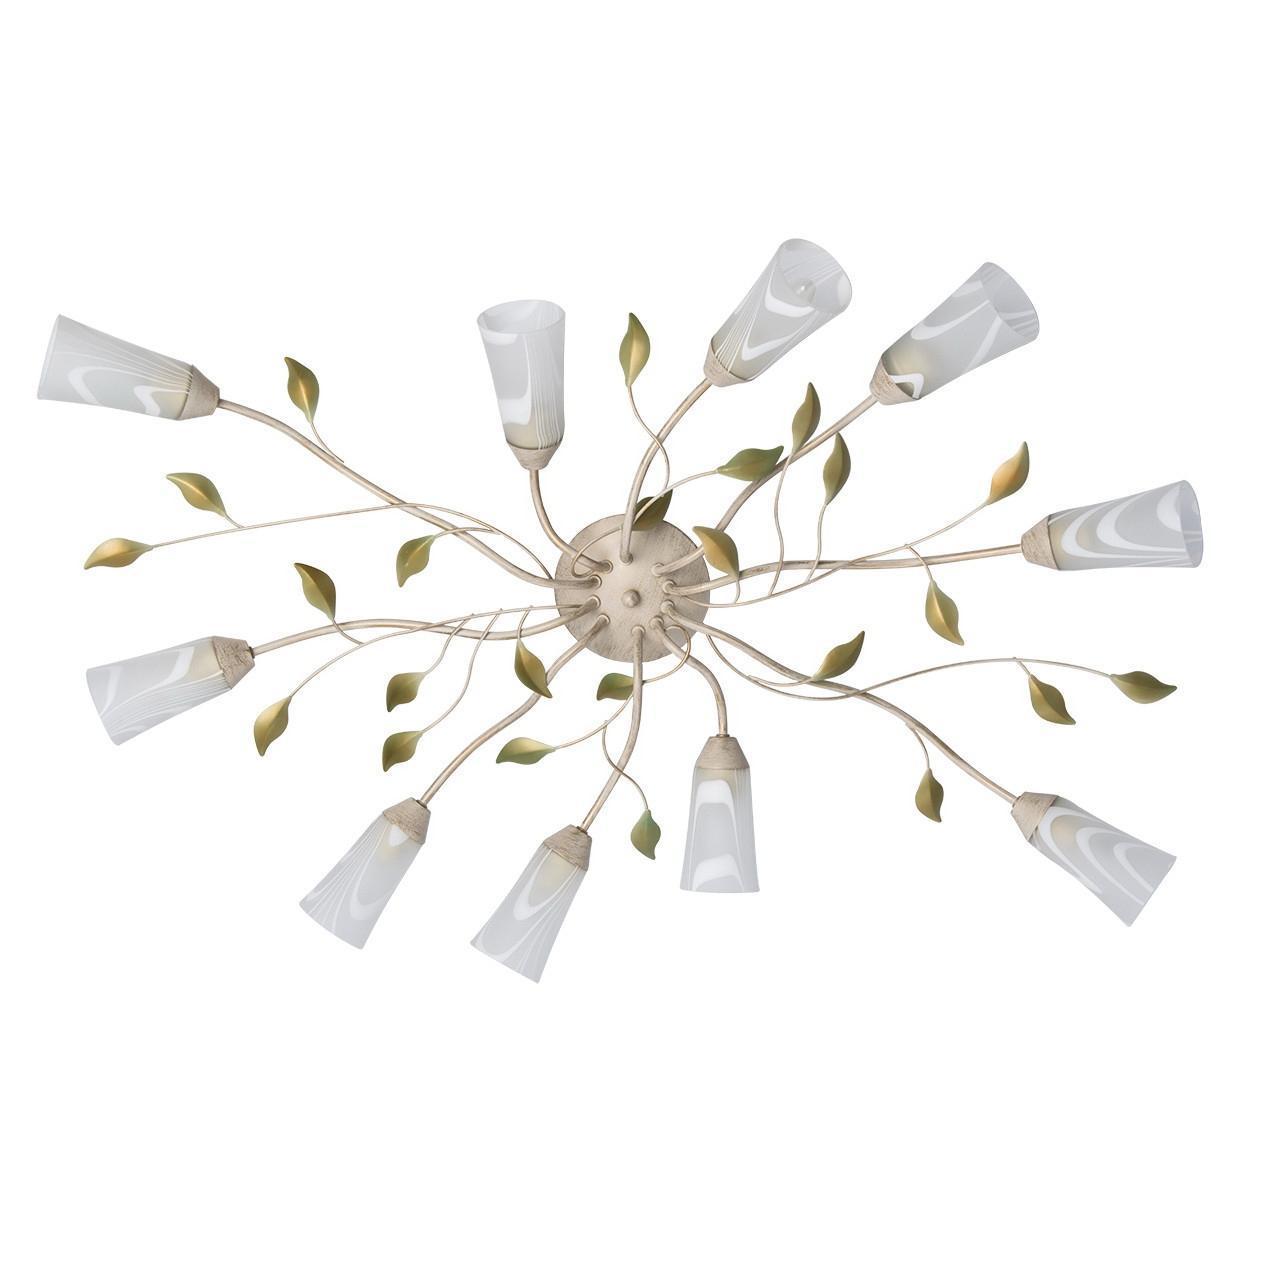 Люстра MW-Light Восторг 242015510 потолочная потолочная люстра de markt восторг 242015510